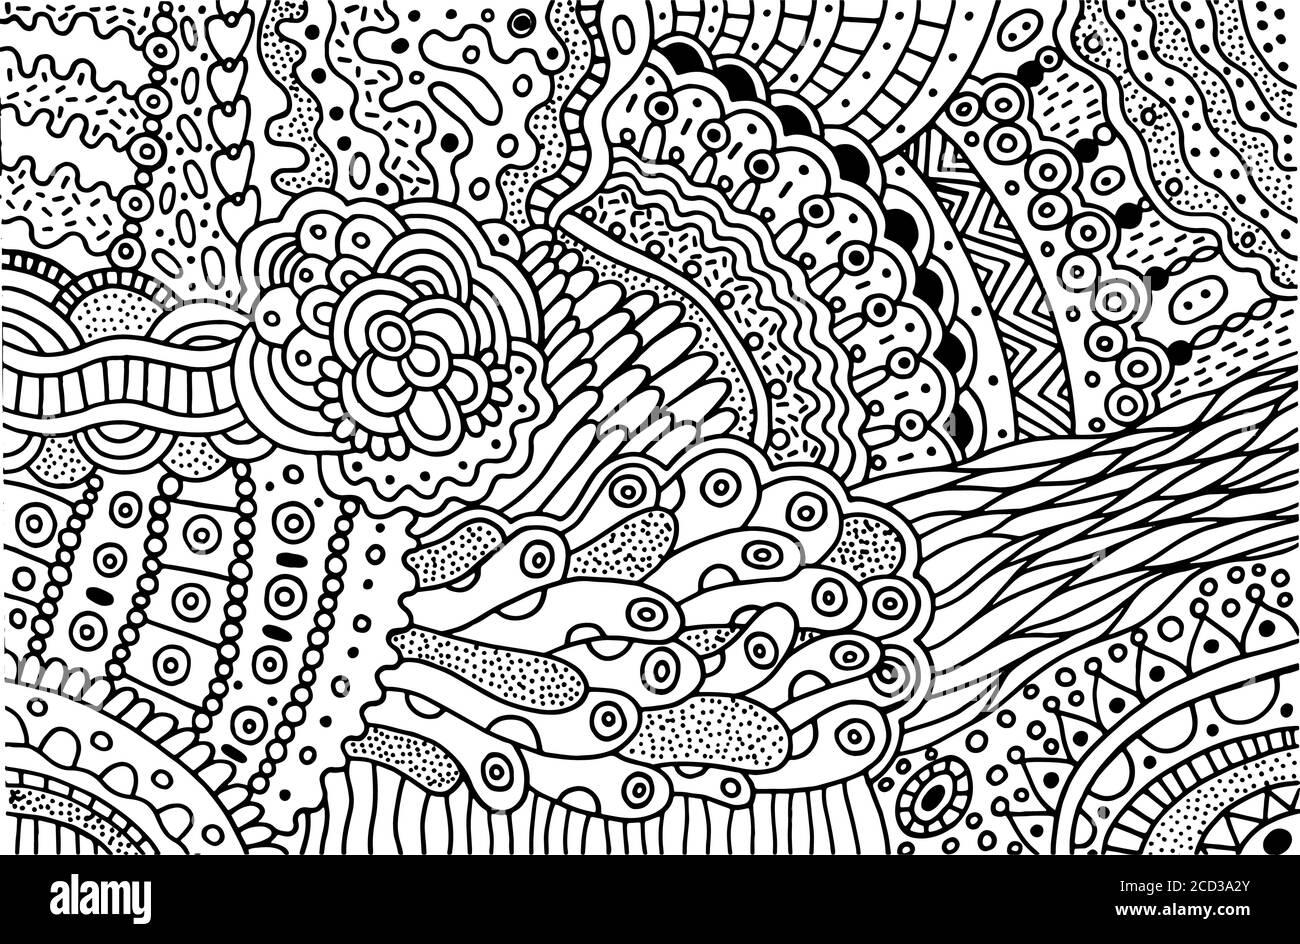 Surreale Doodle-Muster zum Ausmalen für Erwachsene. Malseite mit